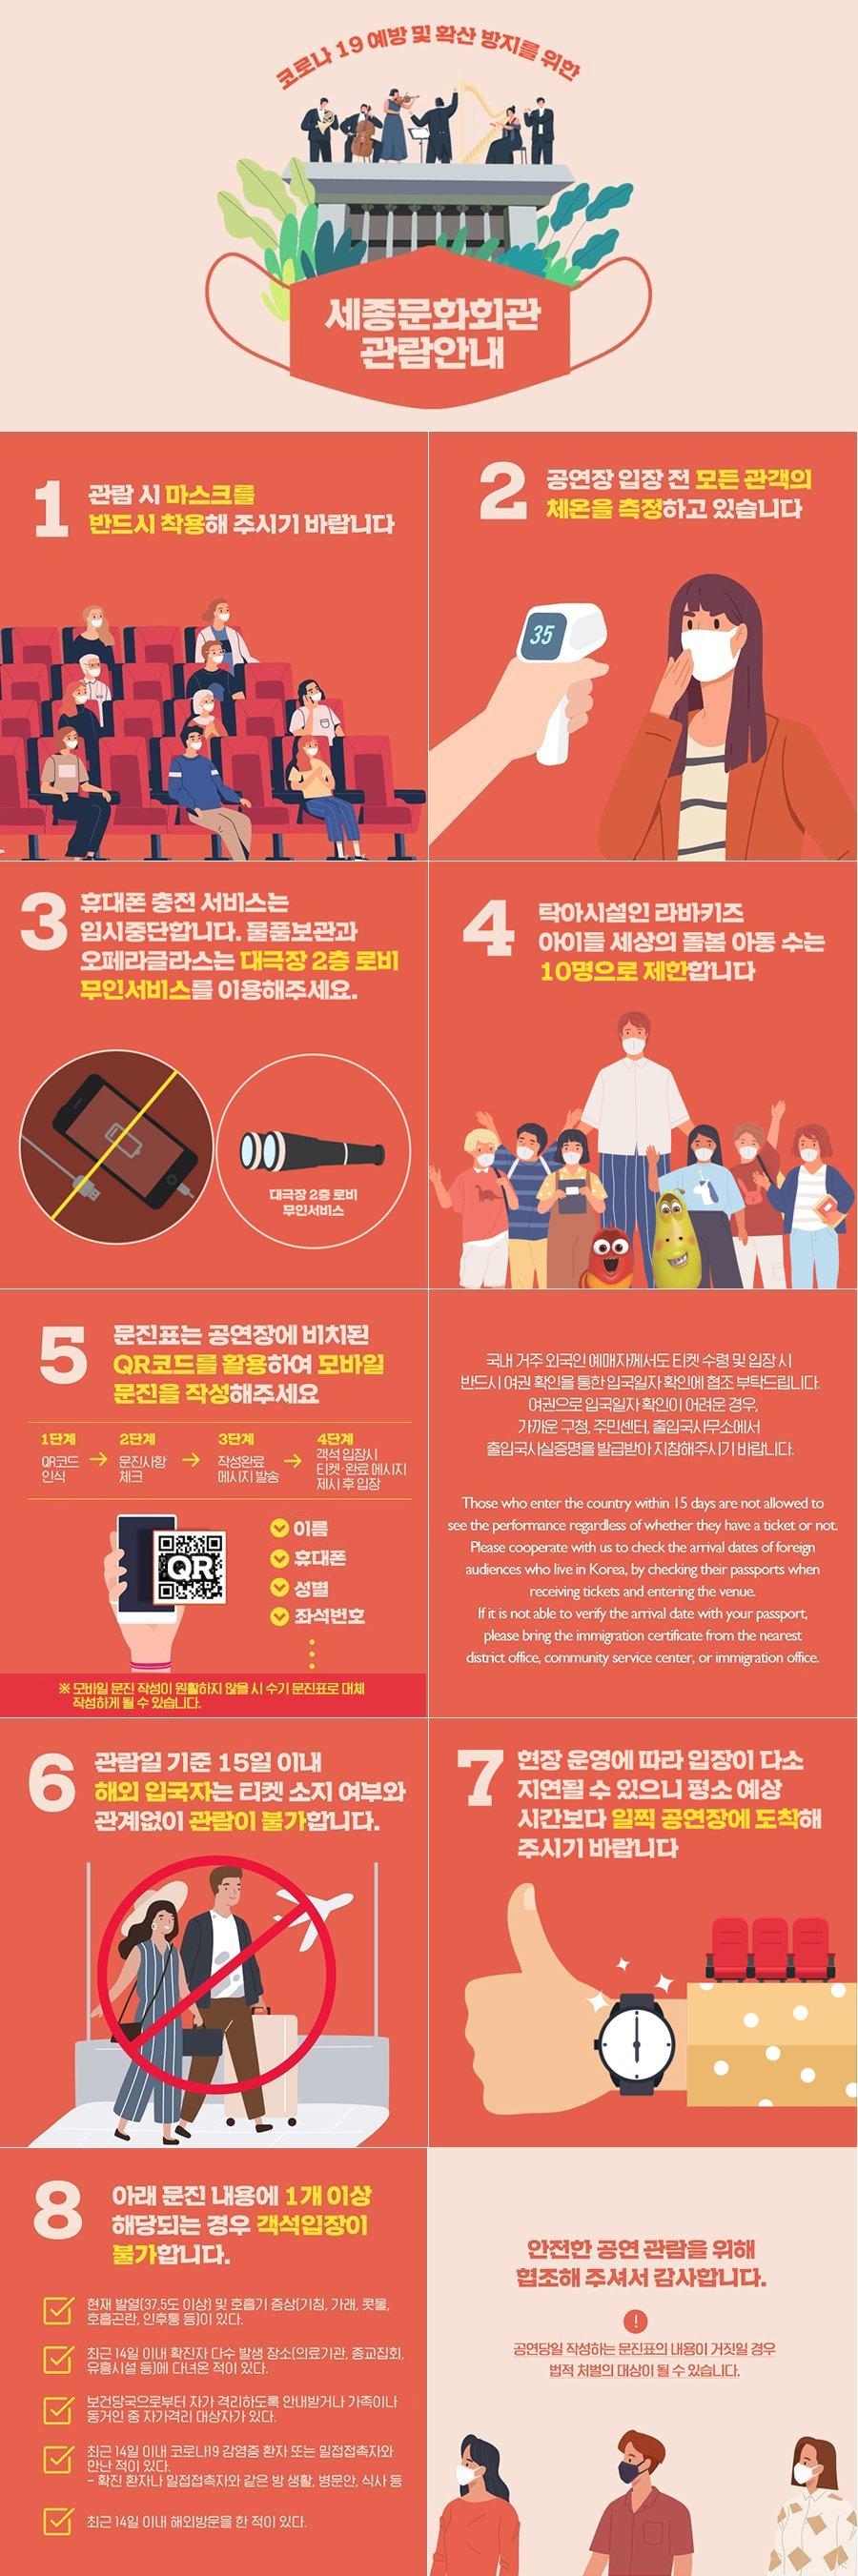 [세종문화회관 관람안내]   코로나19 예방 및 확산 방지를 위한 세종문화회관 공연관람 안내입니다.   1. 관람 시 마스크를 반드시 착용해 주시기 바랍니다.  2. 공연장 내 모든 관객의 체온을 측정하고 있습니다.  3. 오페라글라스 대여 및 휴대폰 충전 서비스는 임시 중단합니다.   4. 탁아시설인 아이들세상은 6월 16일부터 운영하며, 돌봄 아동 수는 10명으로 제한합니다.   5. 문진표는 공연장에 비치된 QR코드를 활용하여 모바일 문진을 작성해 주시기 바랍니다.    1단계 qr코드 인식 2단계 문진사항 체크 3단계 작성완료 메시지 발송 3단계 객석입장시 티켓 완료 메시지 제시후 입장  6. 관람일 기준 15일 이내 해외 입국자는 티켓 소지 여부와 관계없이 관람이 불가합니다.    국내 거주 외국인 예매자께서도 티켓 수령 및 입장 시 반드시 여권 확인을 통한 입국일자 확인에 협조 부탁드립니다.    여권으로 입국일자 확인이 어려운 경우, 가까운 구청, 주민센터, 출입국사무소에서 출입국사실증명을 발급받아 지참해주시기 바랍니다. Those who enter the country within 15 days are not allowed to see the performance regardless of whether they have a ticket or not. Please cooperate with us to check the arrival dates of foreign audiences who live in Korea, by checking their passports when receiving tickets and entering the venue. If it is not able to verify the arrival date with your passport, please bring the immigration certificate from the nearest district office, community service center, or immigration office.  7. 현장운영에 따라 입장이 다소 지연될 수 있으니 평소 예상 시간보다 일찍 공연장에 도착해 주시기 바랍니다.  8. 아래 문진 내용에 1개 이상 해당 되는 경우 객석 입장이 불가합니다.   1) 현재 발열(37.5도 이상) 및 호흡기 증상(기침, 가래, 콧물, 호흡곤란, 인후통 등)이 있다.   2) 최근 14일 이내 확진자 다수 발생 장소(의료기관, 종교집회, 유흥시설 등)에 다녀온 적이 있다.   3) 보건당국으로부터 자가 격리하도록 안내받거나 가족이나 동거인 중 자가격리 대상자가 있다.   4) 최근 14일 이내 코로나19 감염증 환자 또는 밀접접촉자와 만난 적이 있다.    - 확진 환자나 밀접접촉자와 같은 방 생활, 병문안, 식사 등   5) 최근 14일 이내 해외방문을 한 적이 있다.  안전한 공연 관람을 위해 협조해 주셔서 감사합니다.  ※ 공연당일 작성하는 문진표의 내용이 거짓일 경우 법적 처벌의 대상이 될 수 있습니다